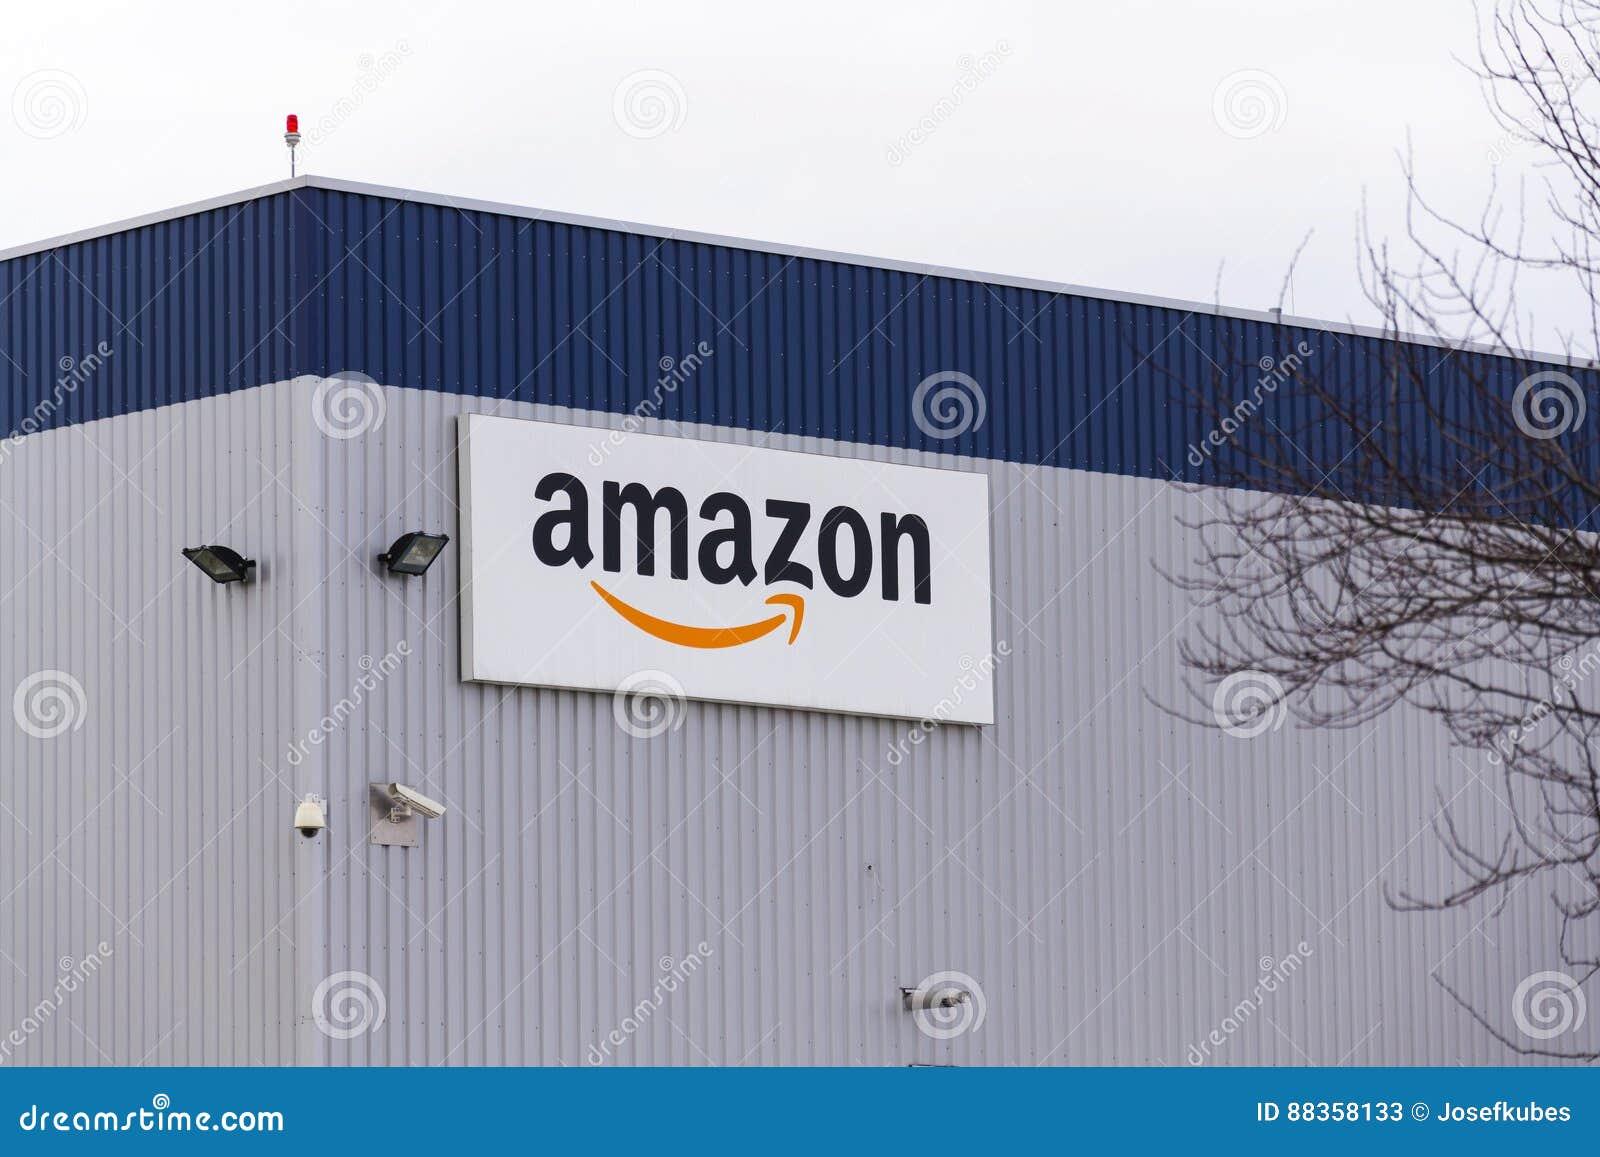 Amazonka elektronicznego handlu firmy logo na logistykach buduje na Marzec 12, 2017 w Dobroviz, republika czech